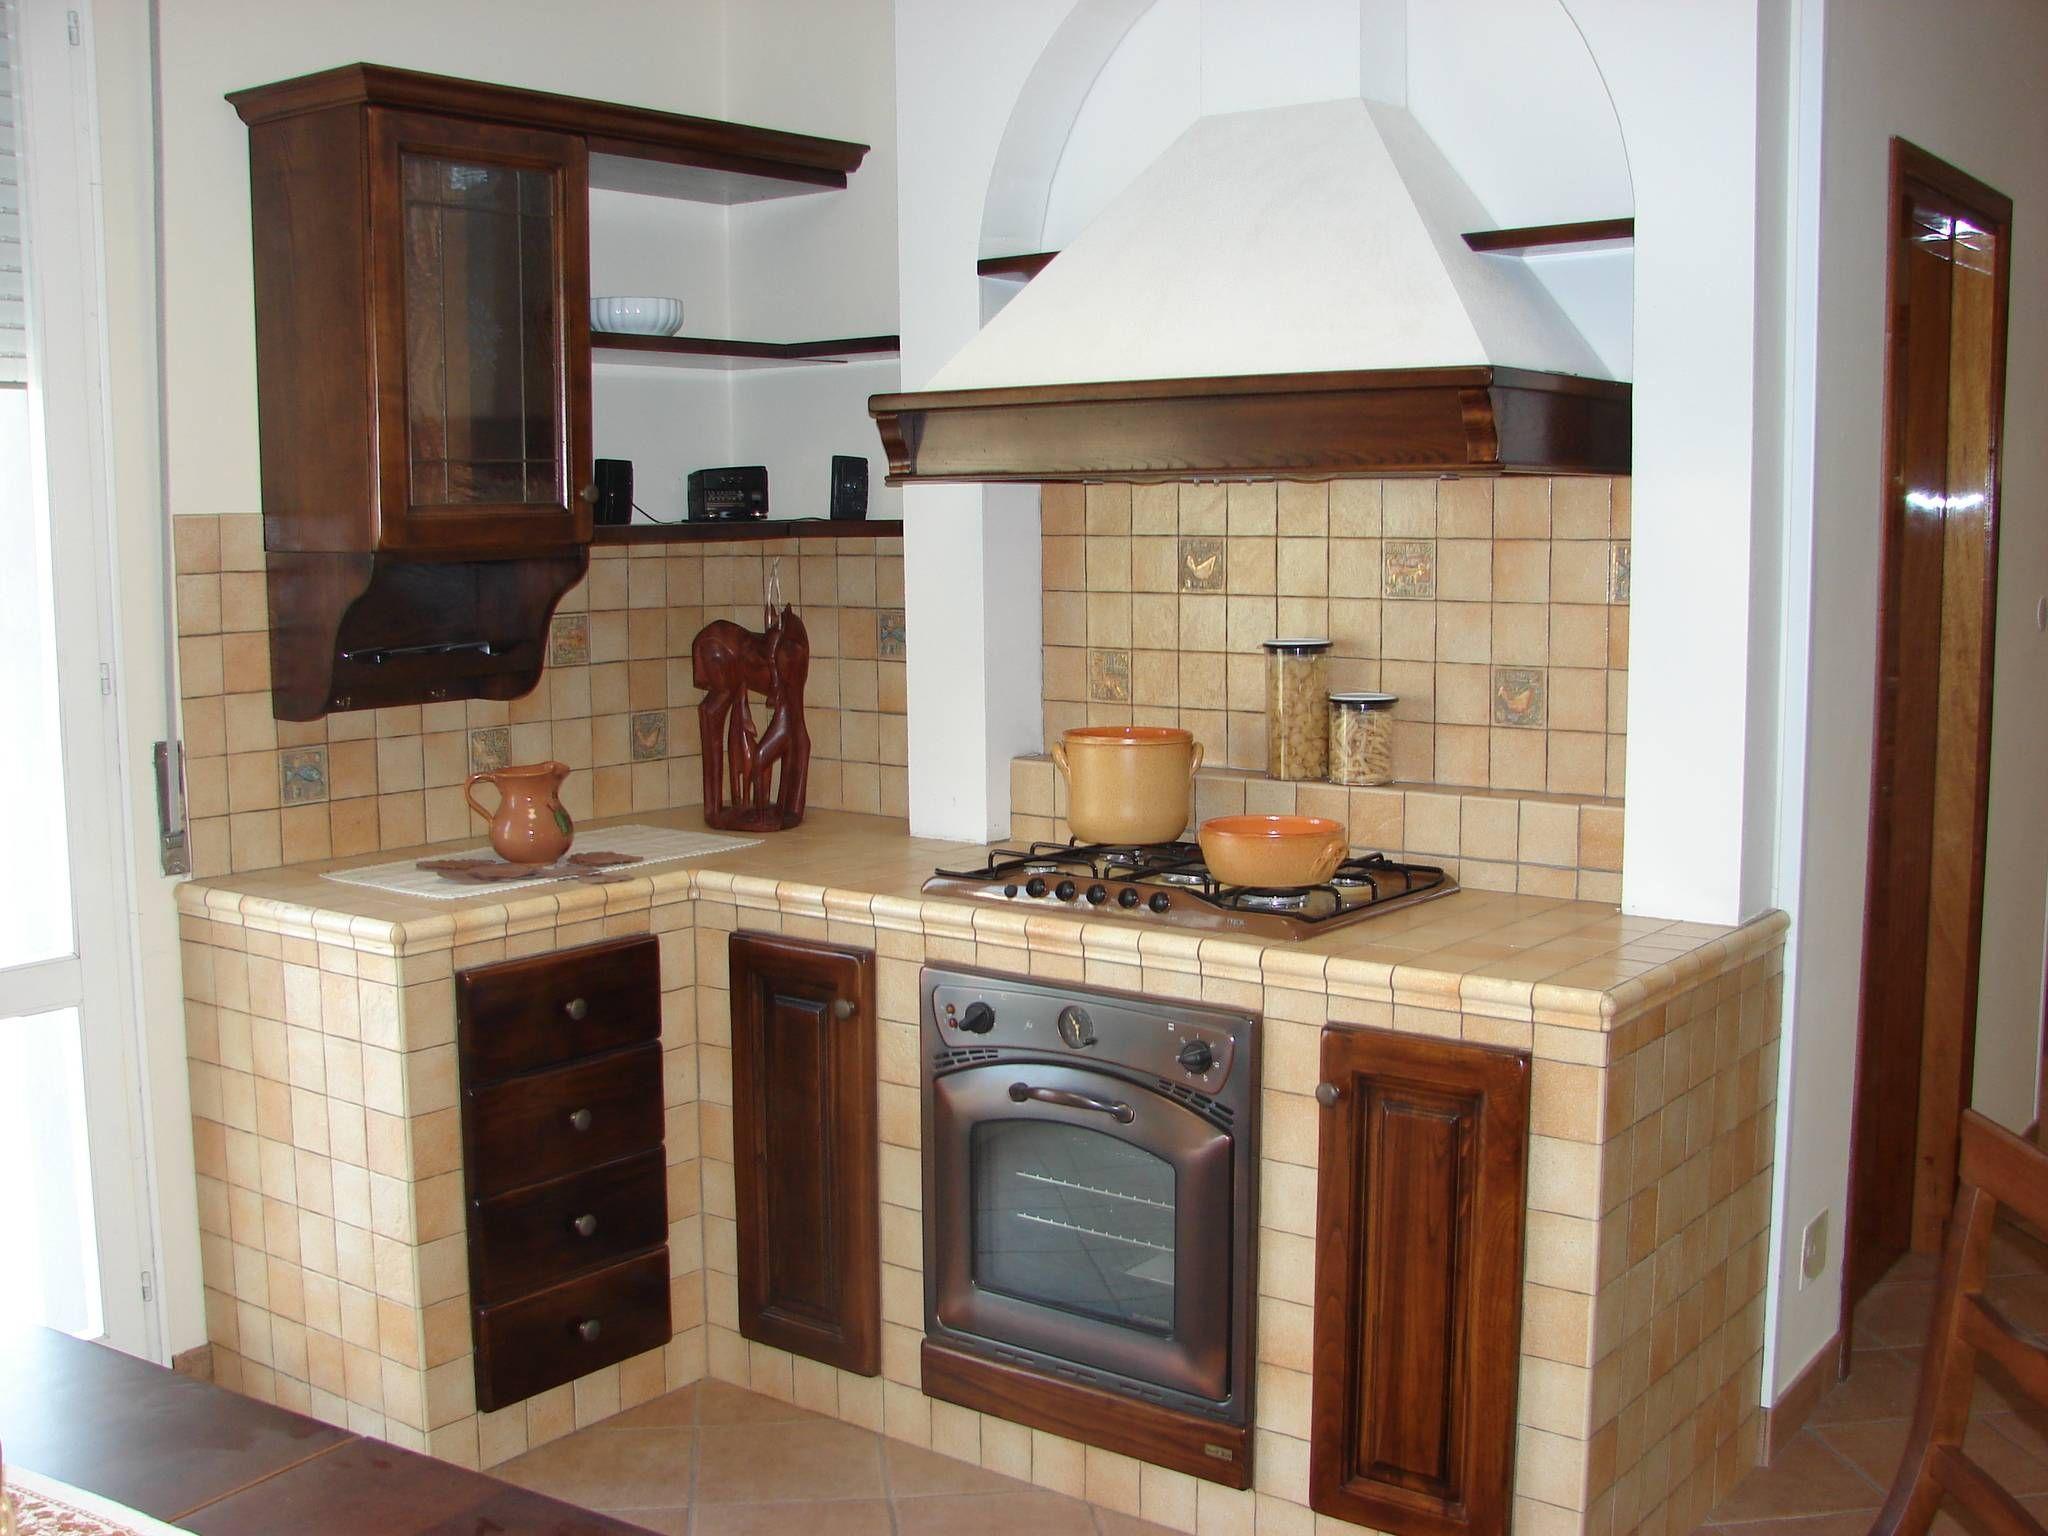 cucina in muratura - Pesquisa Google  kitchen,cucina ...